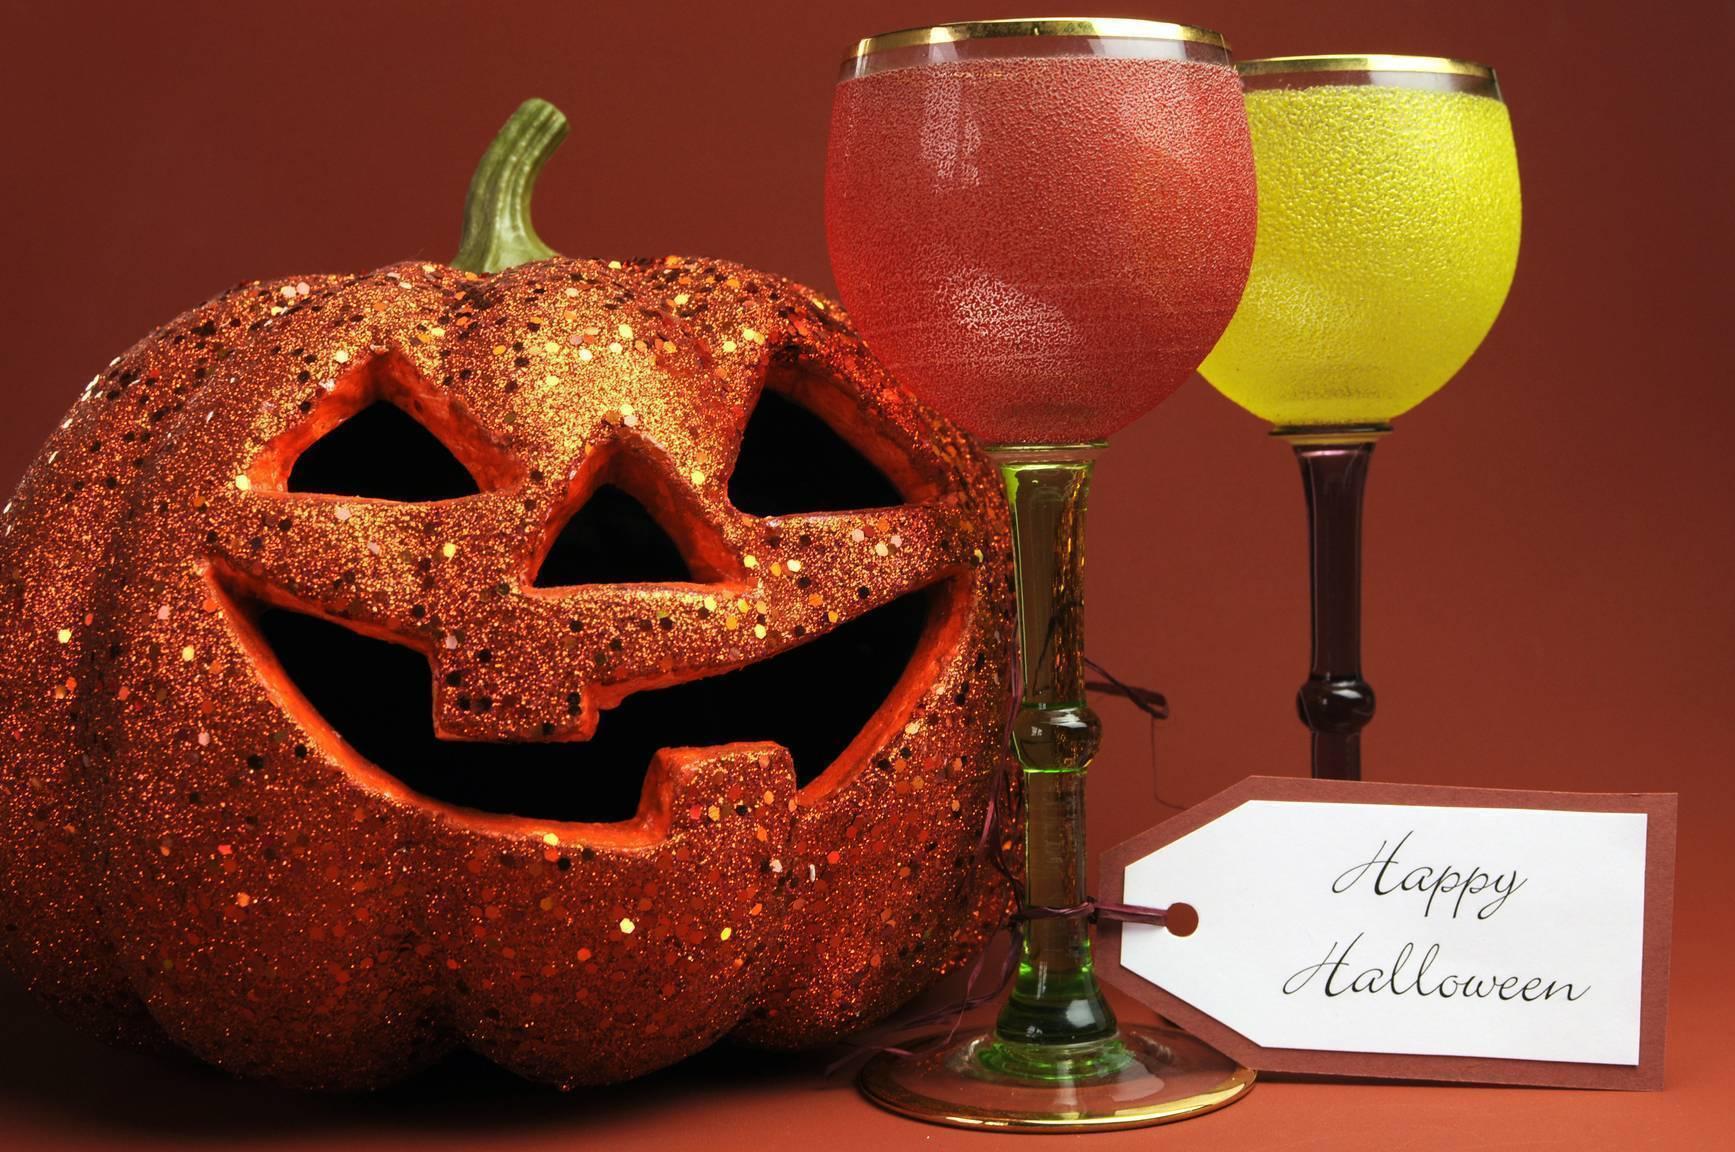 Коктейли на хэллоуин: простые и оригинальные рецепты для самостоятельного приготовления